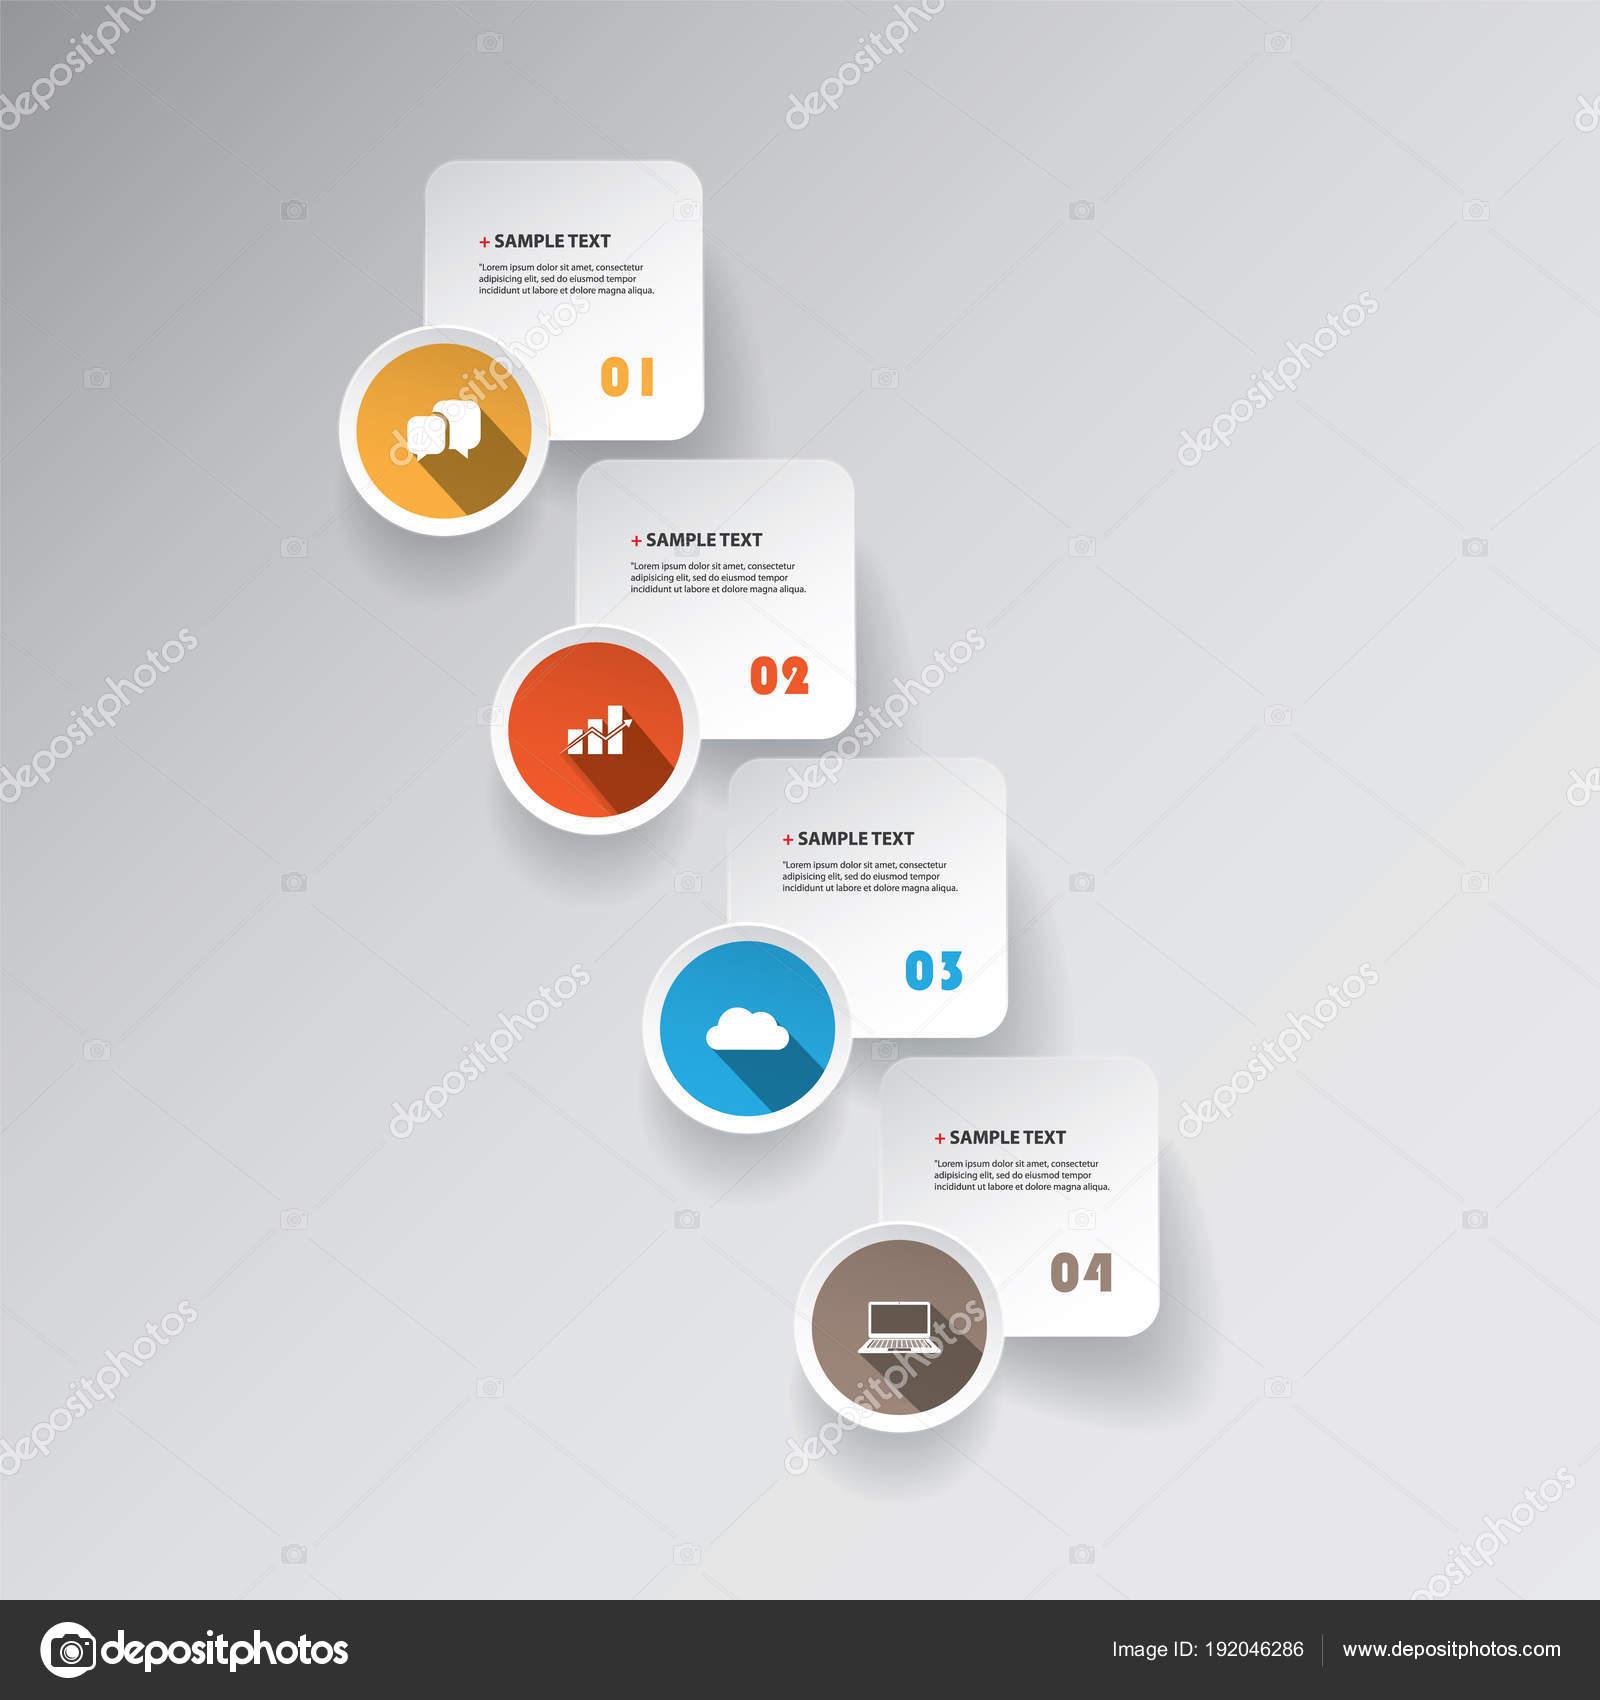 カラフルなモダンな紙カット スタイル インフォ グラフィック